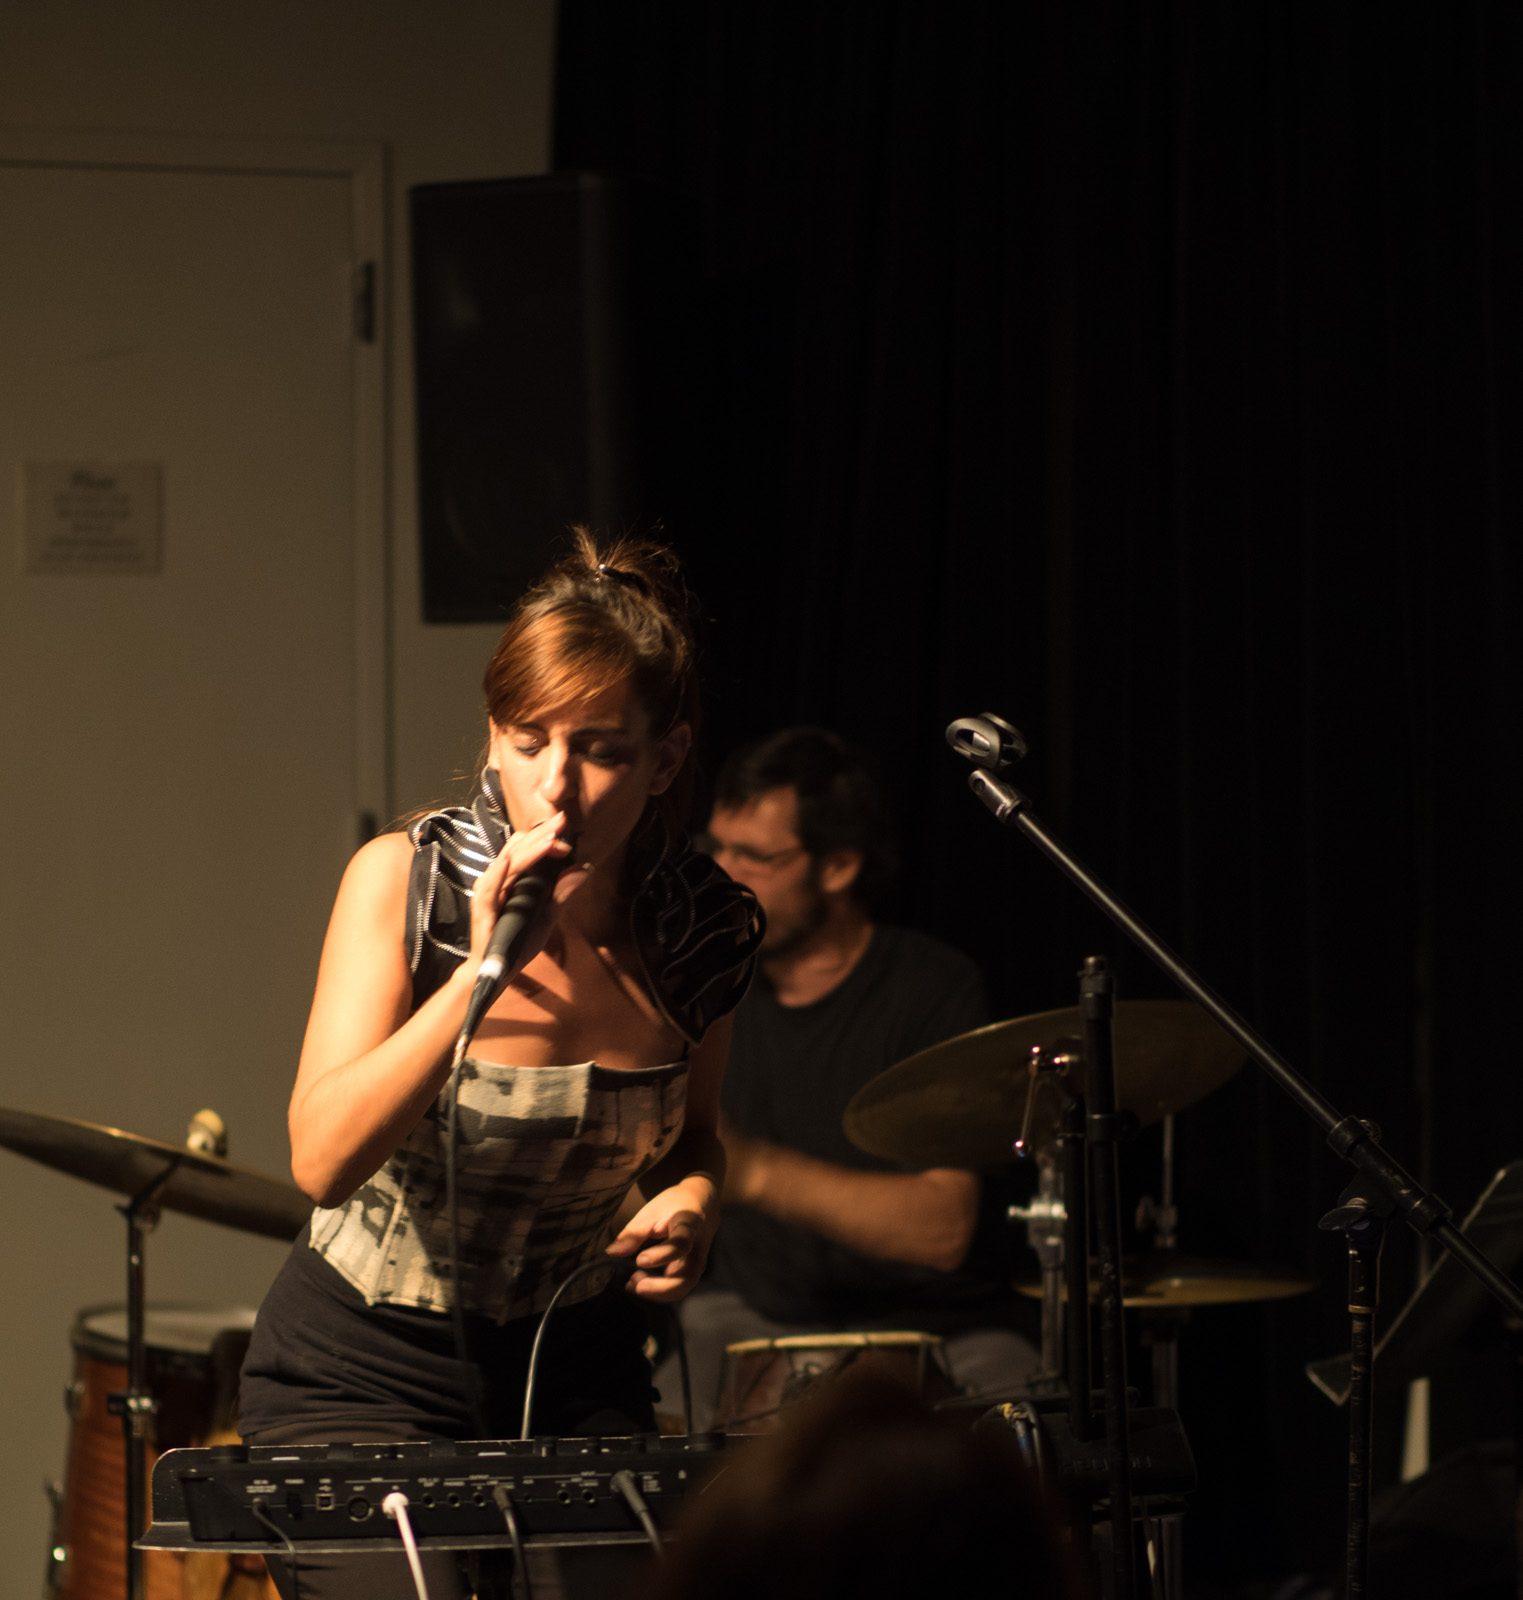 Sofia Sings